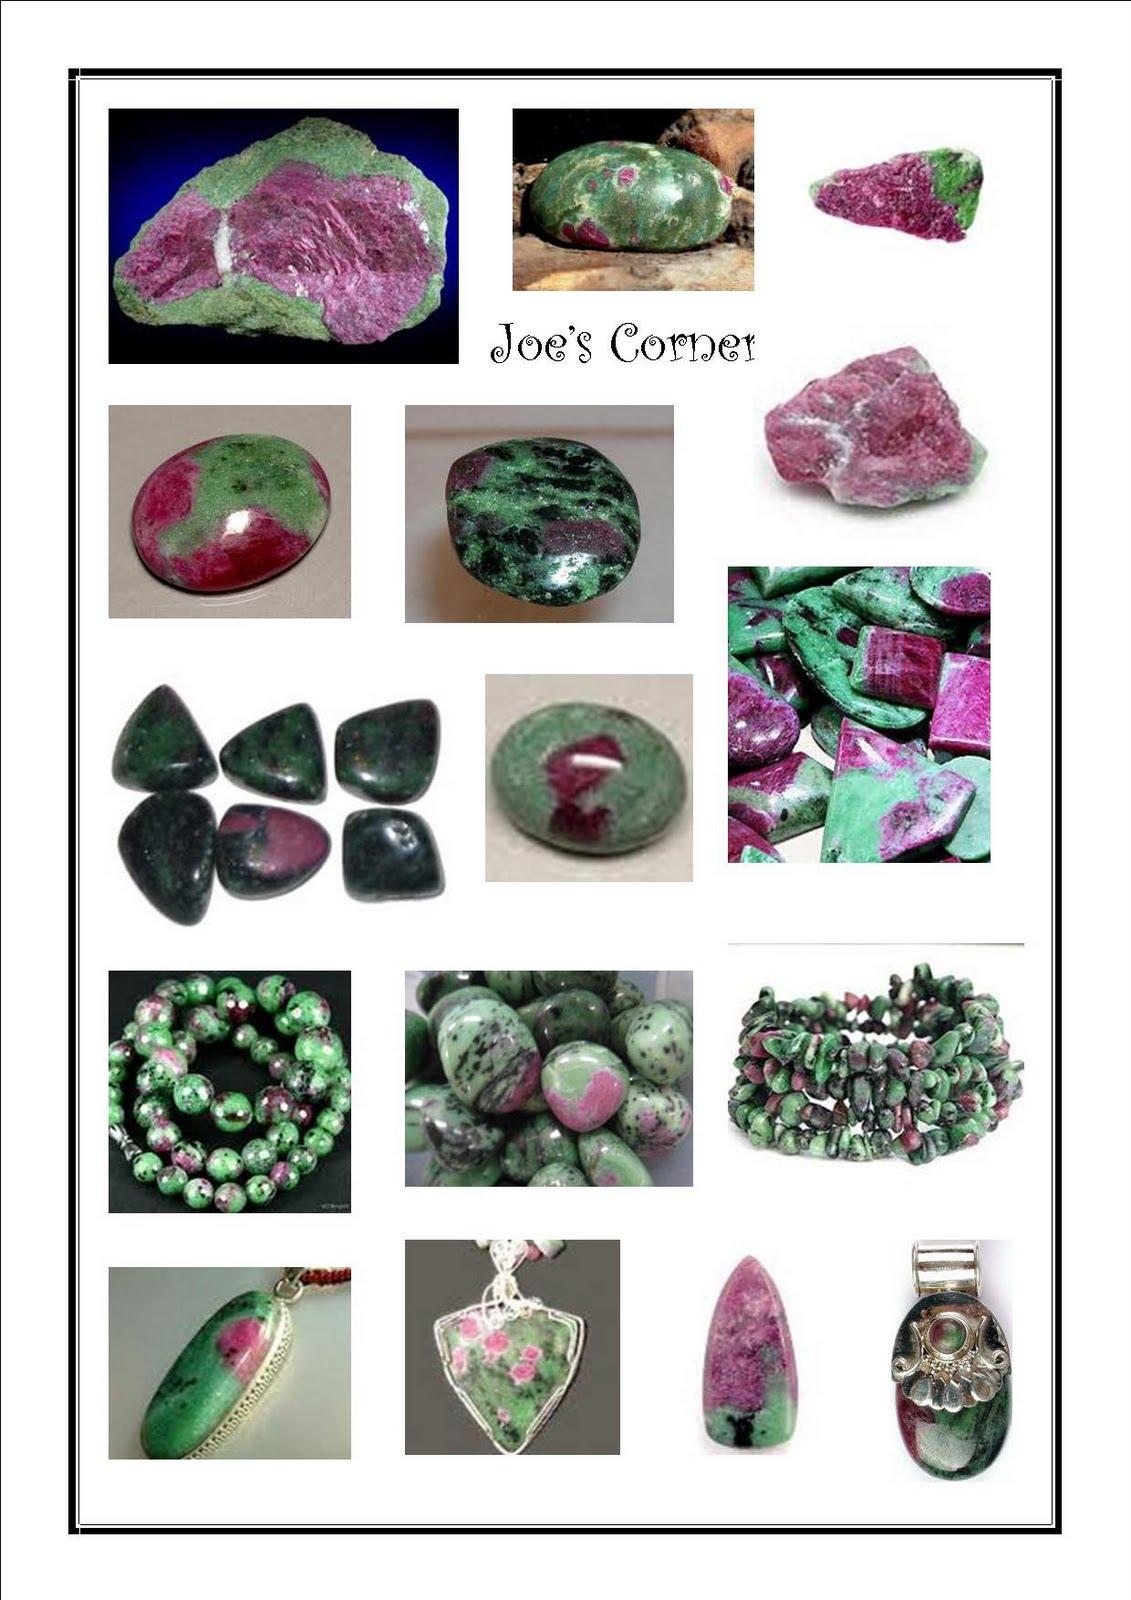 gemstone healings energies ruby within zoisite anyolite